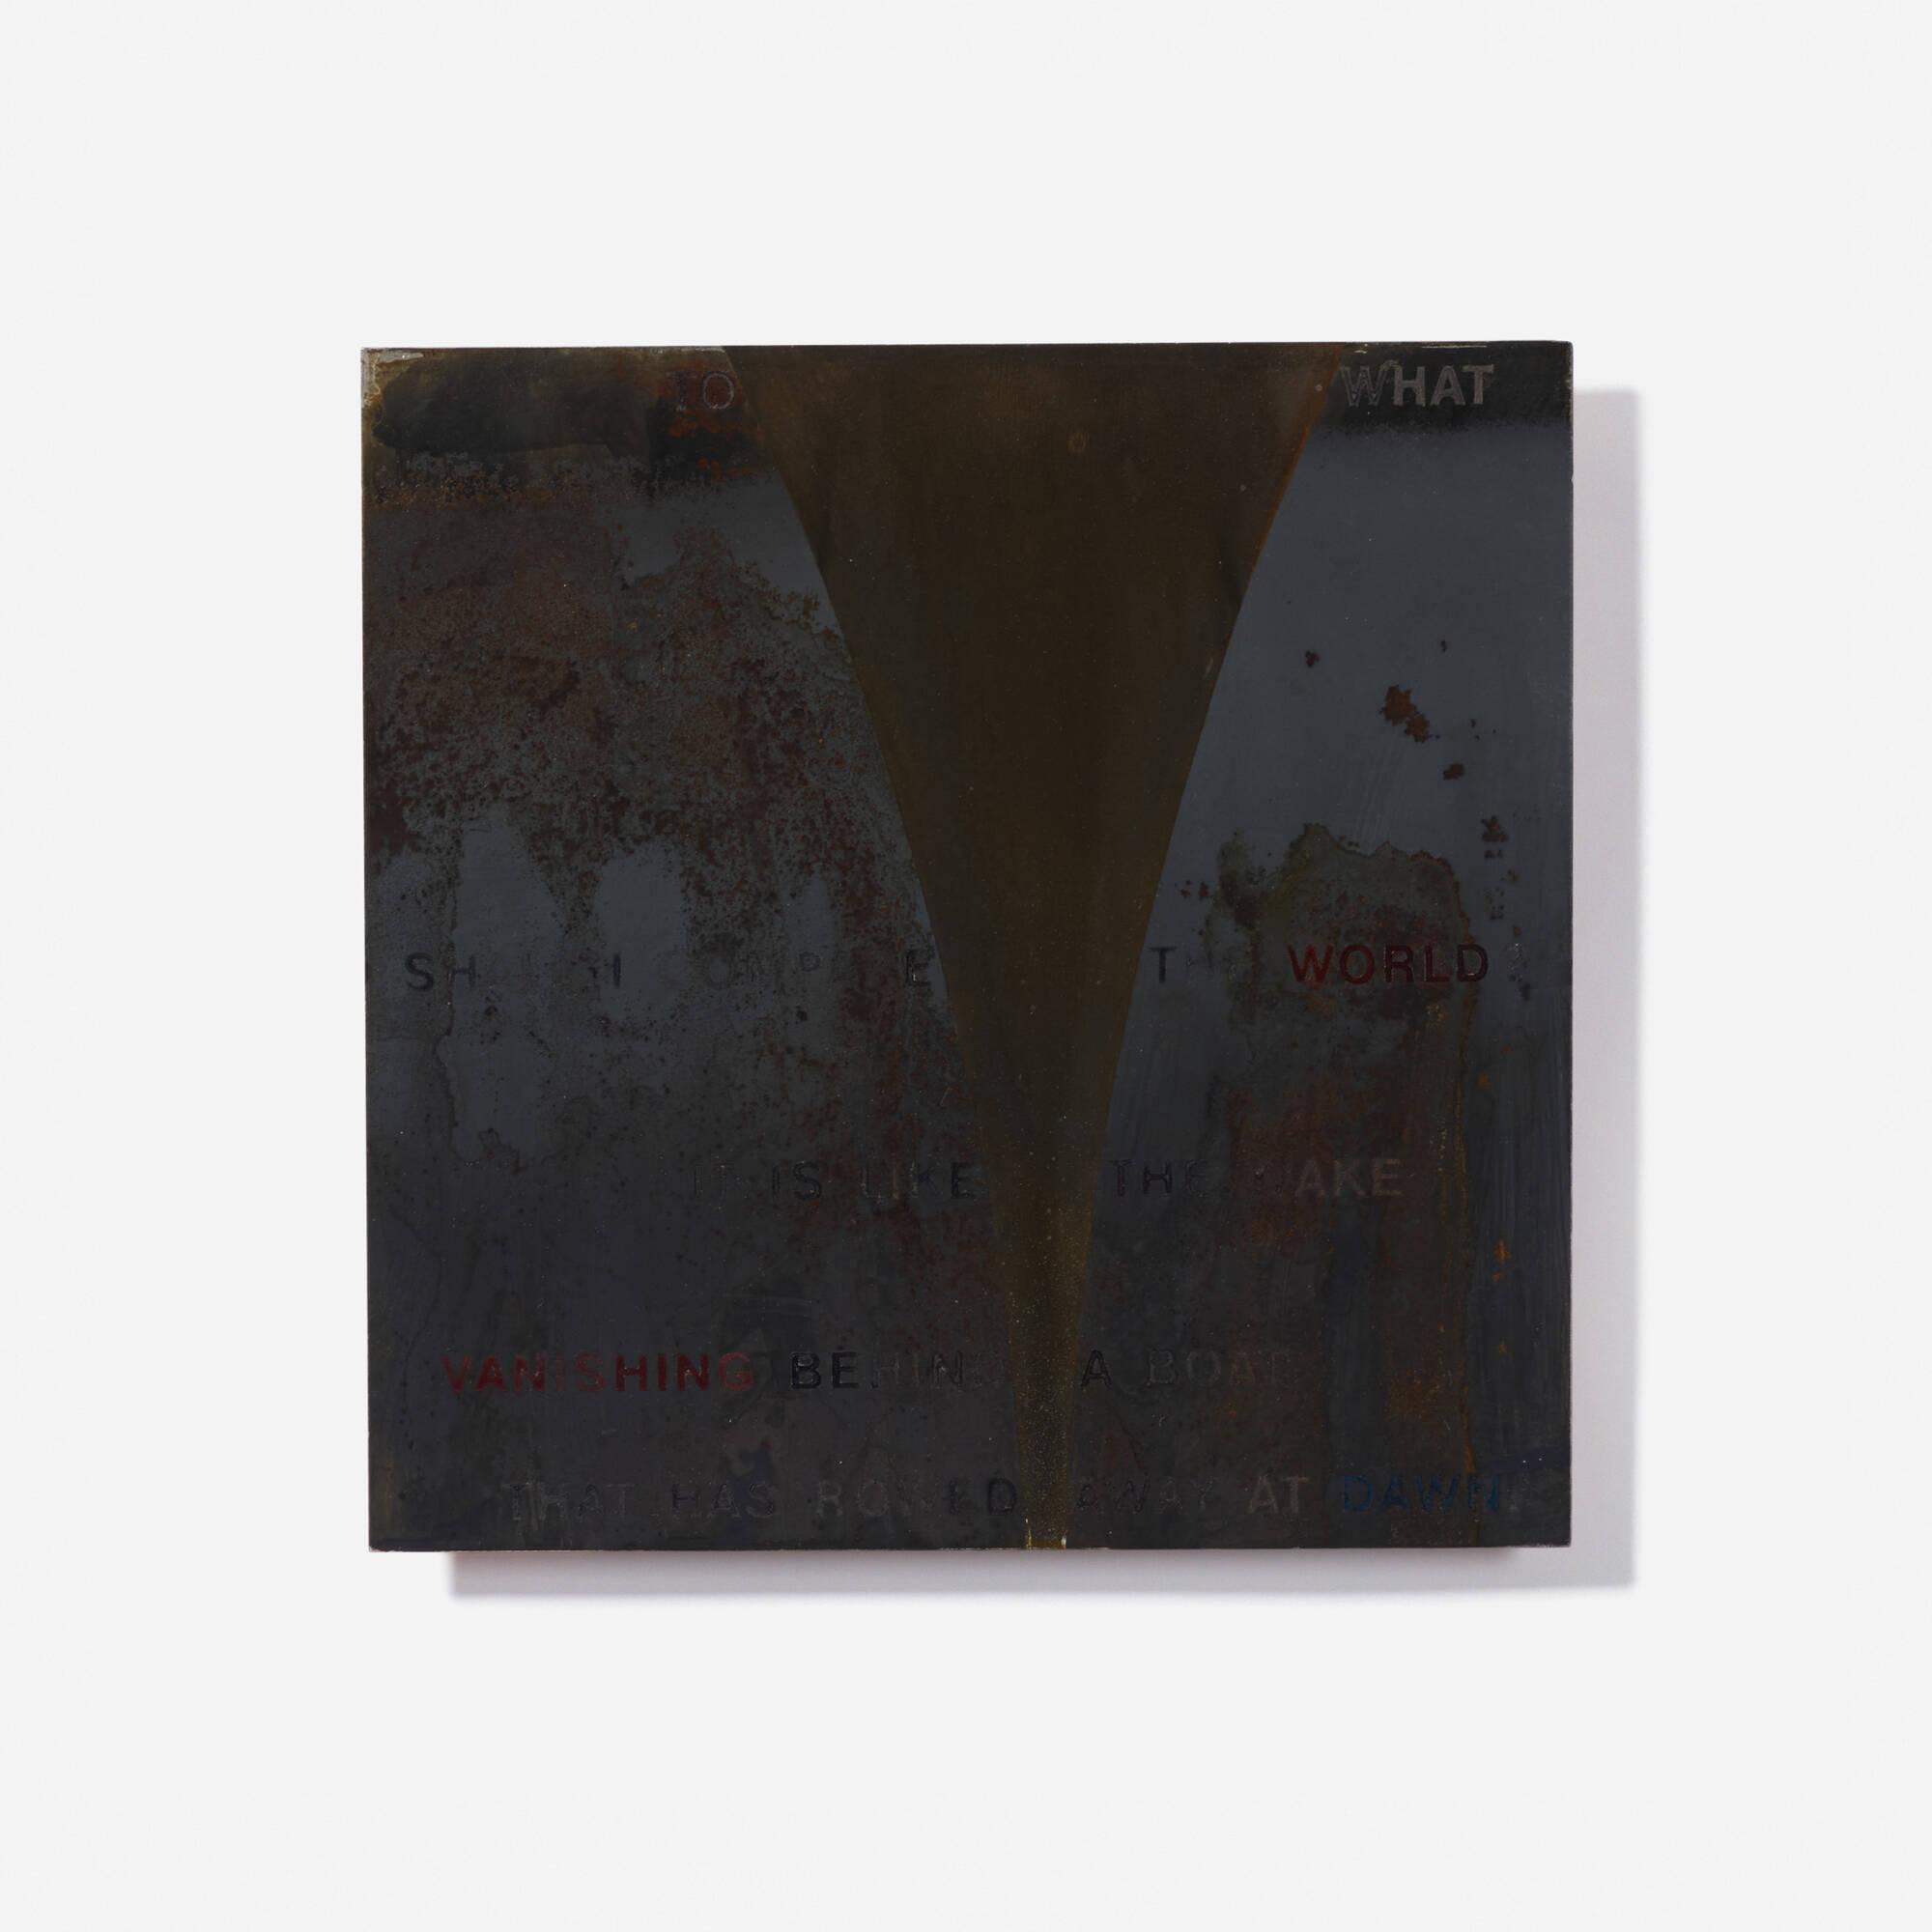 158: David Barr / Gossamer (Poetry Fragment) (1 of 2)